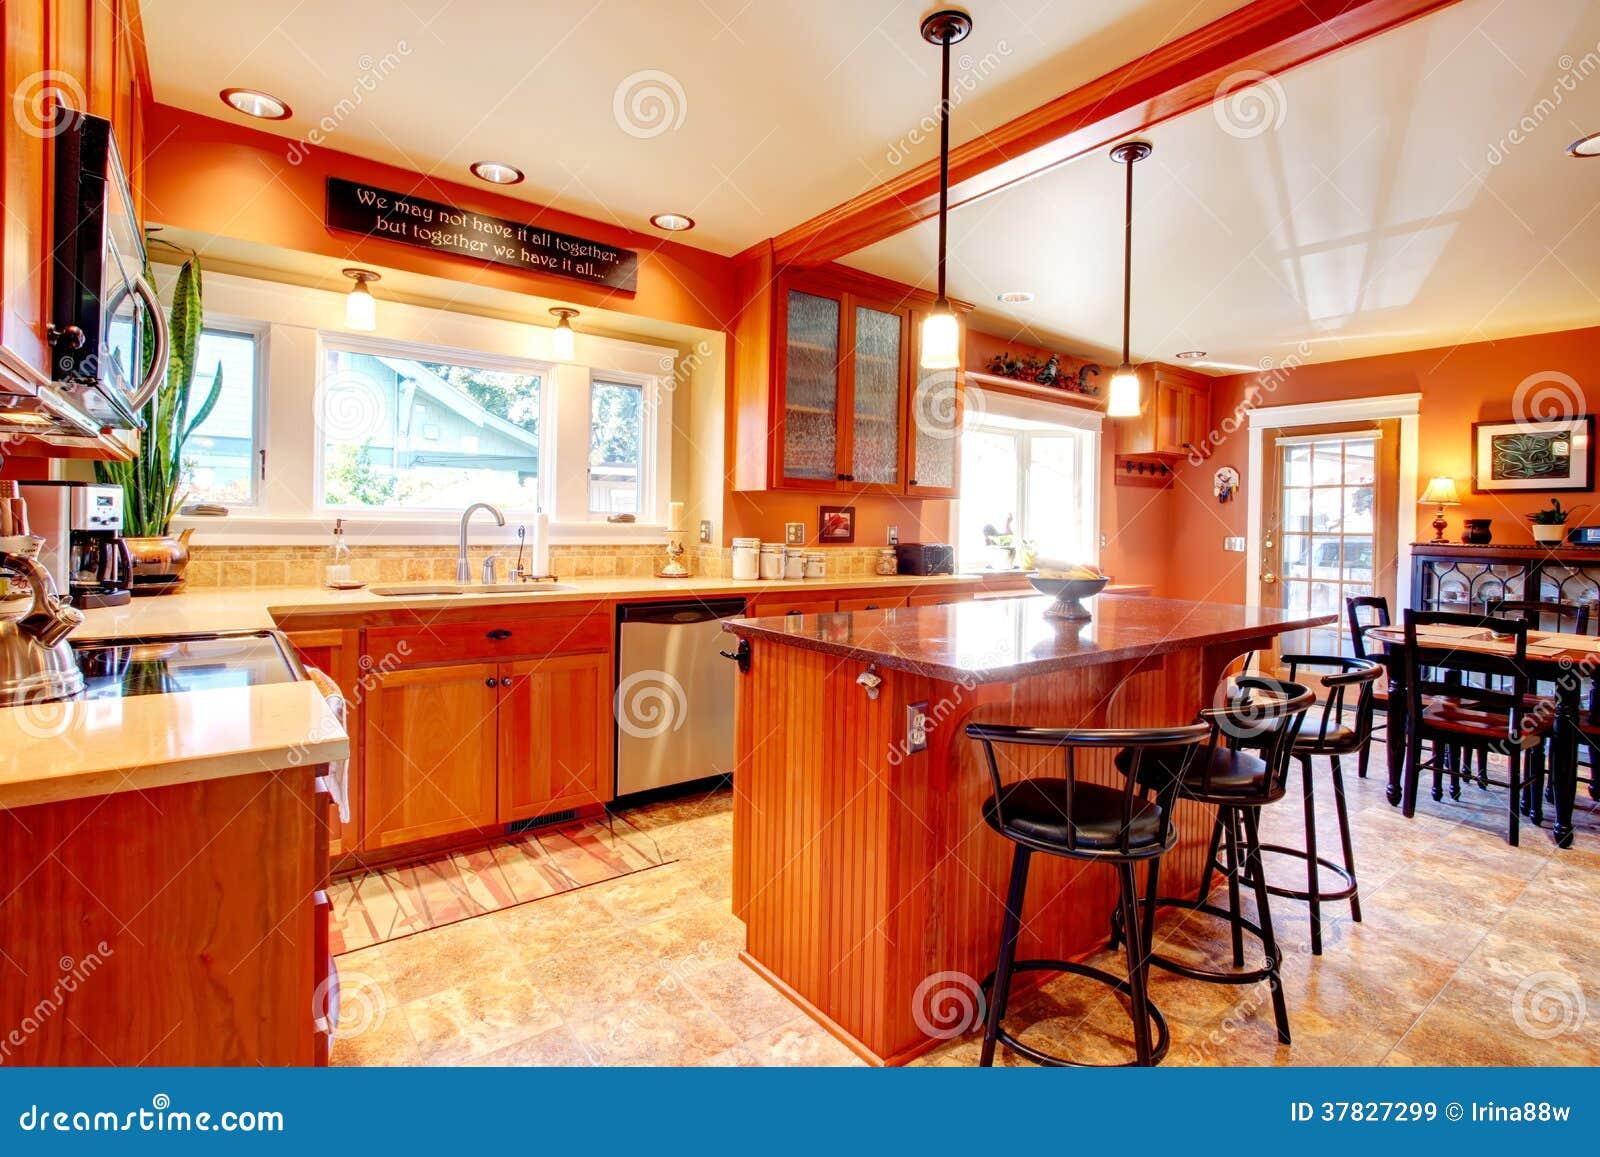 Best Cocina Comedor Diseño Contemporary - Casa & Diseño Ideas ...